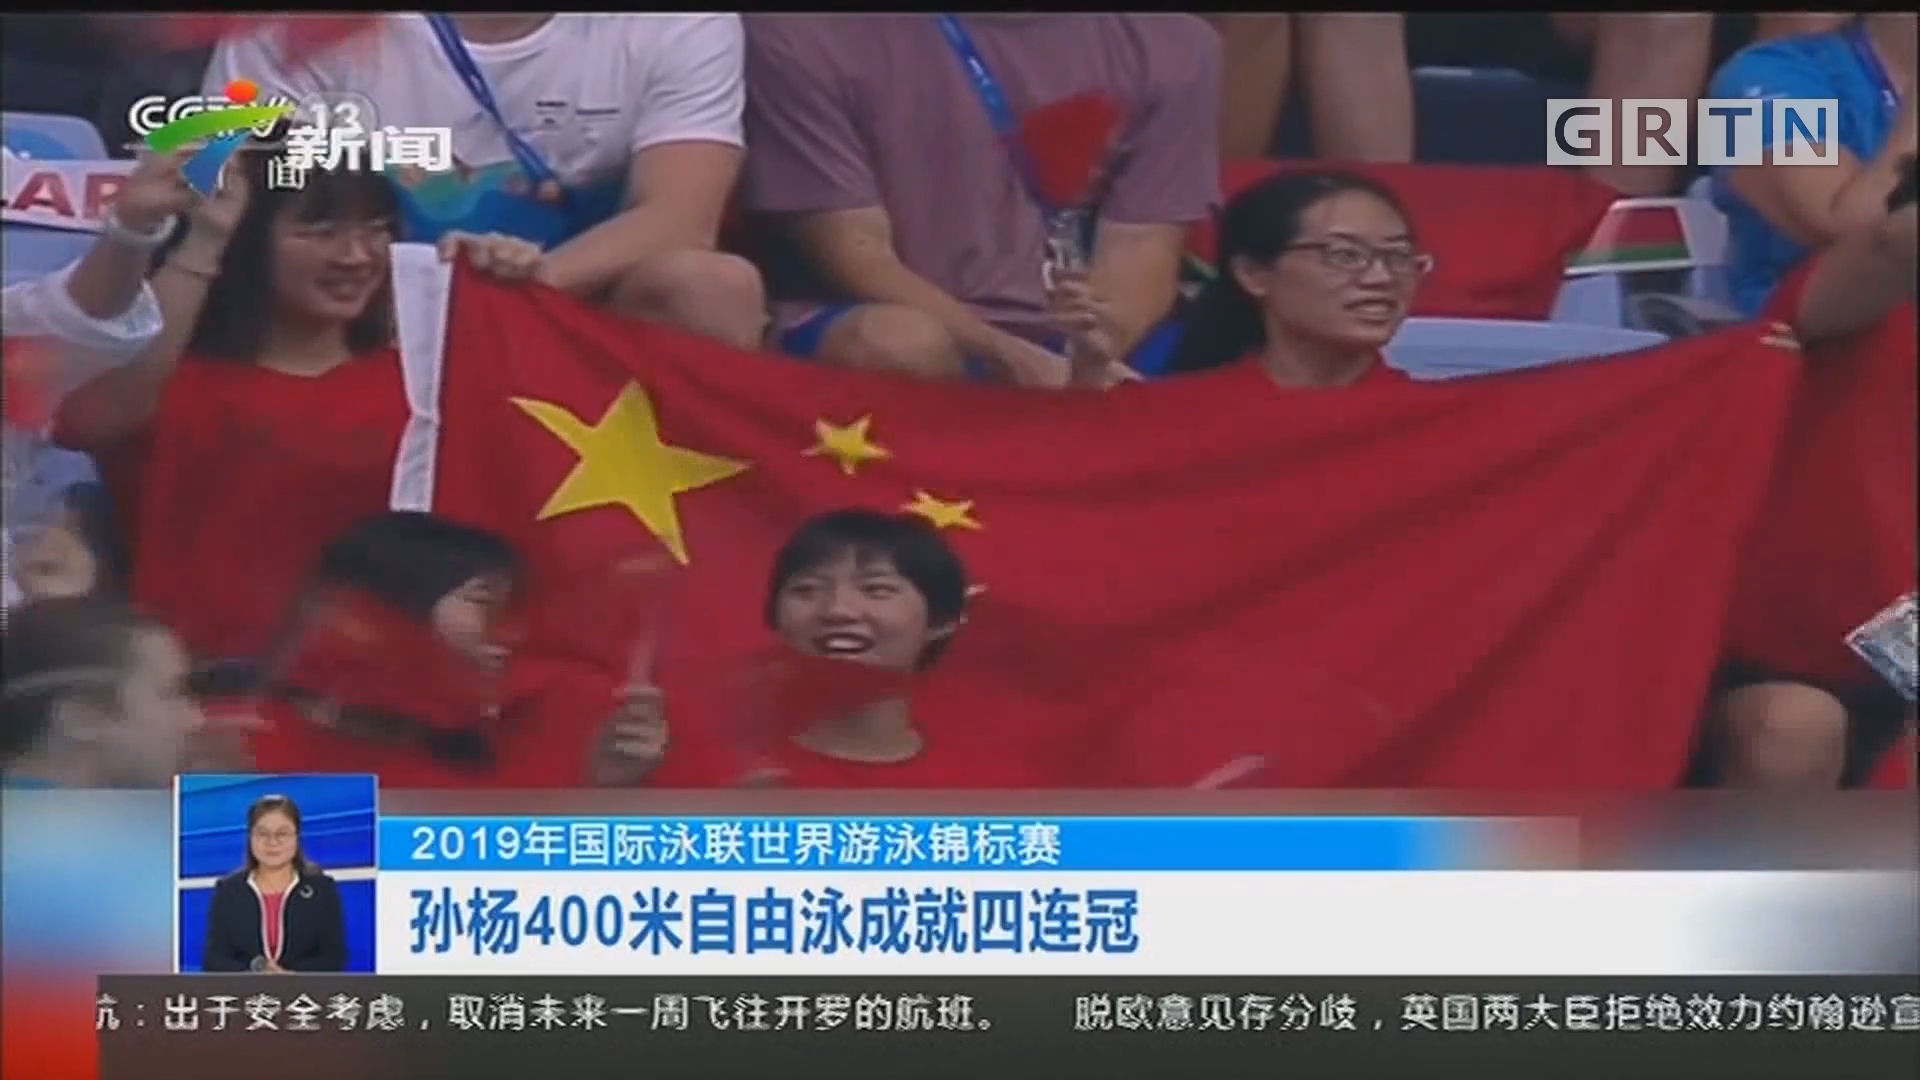 2019年国际泳联世界游泳锦标赛:孙杨400米自由泳成就四连冠